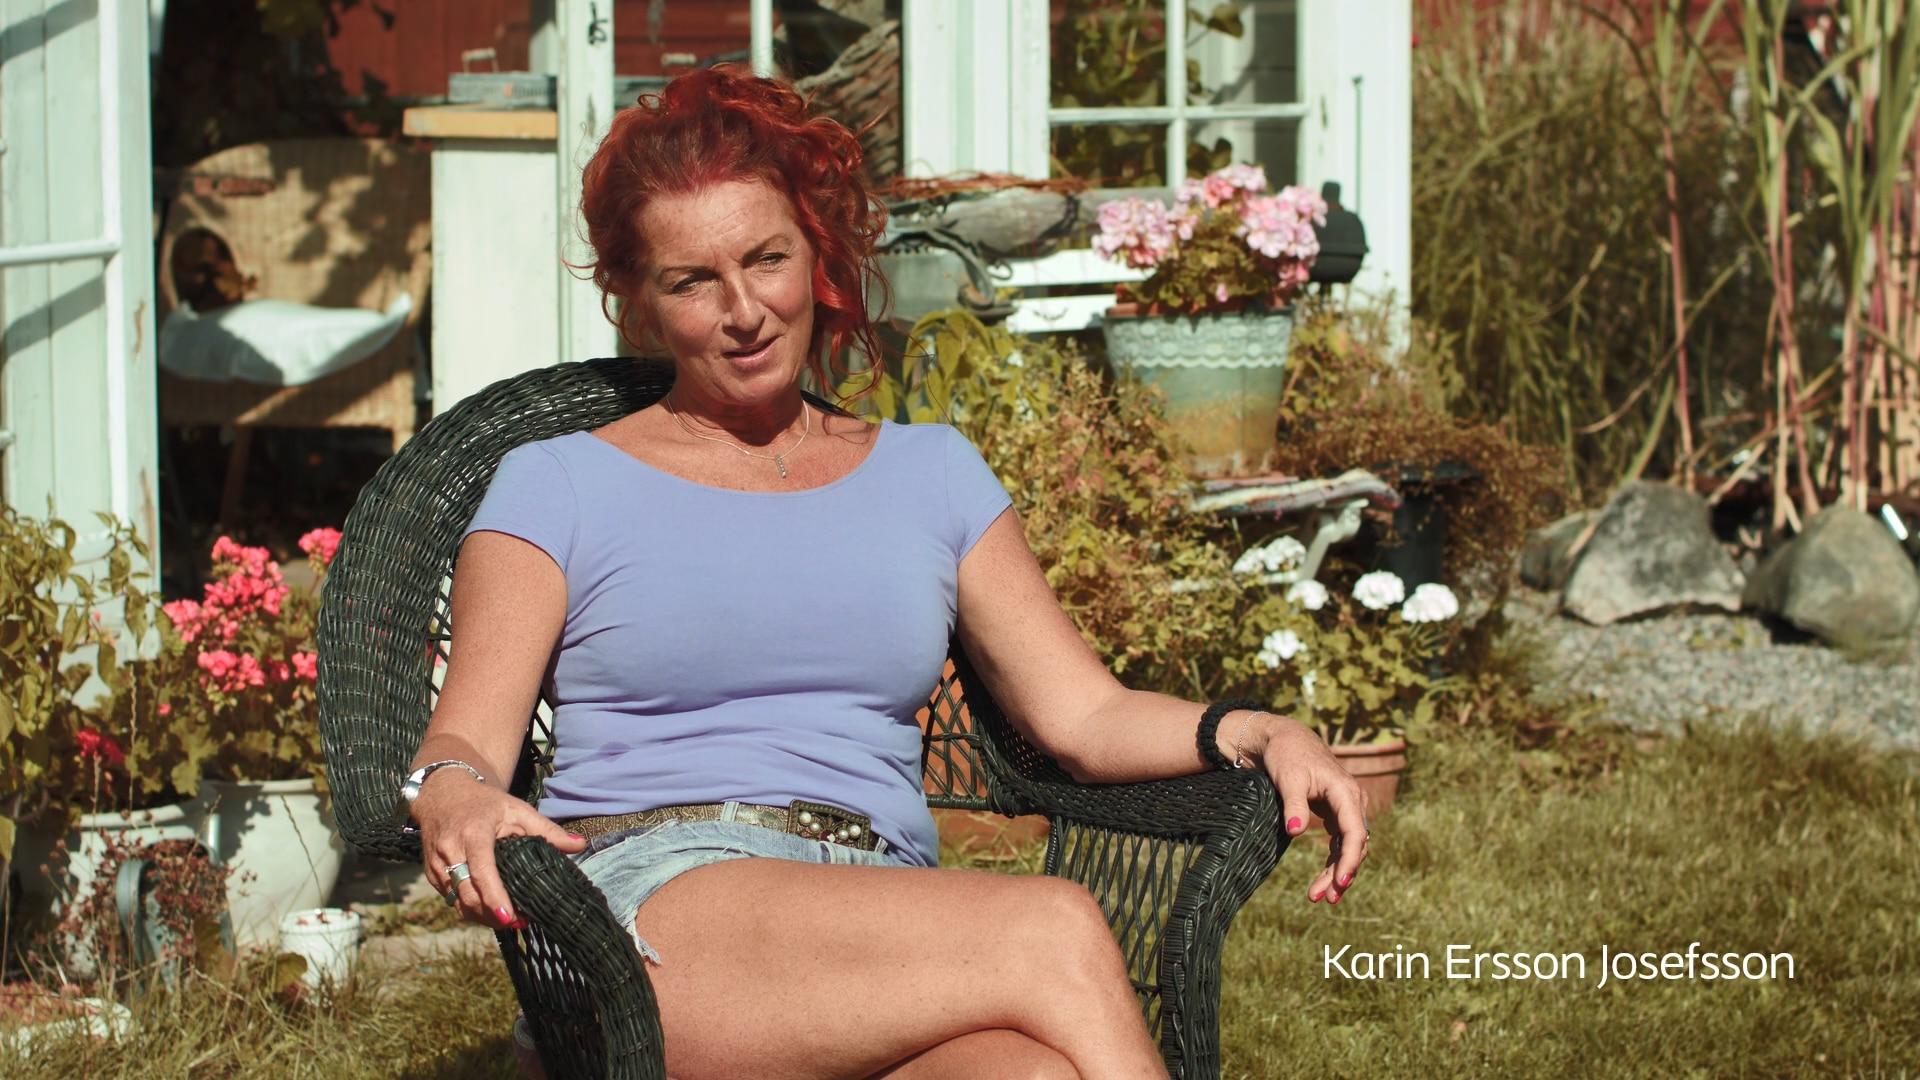 Karin Ersson Josefsson